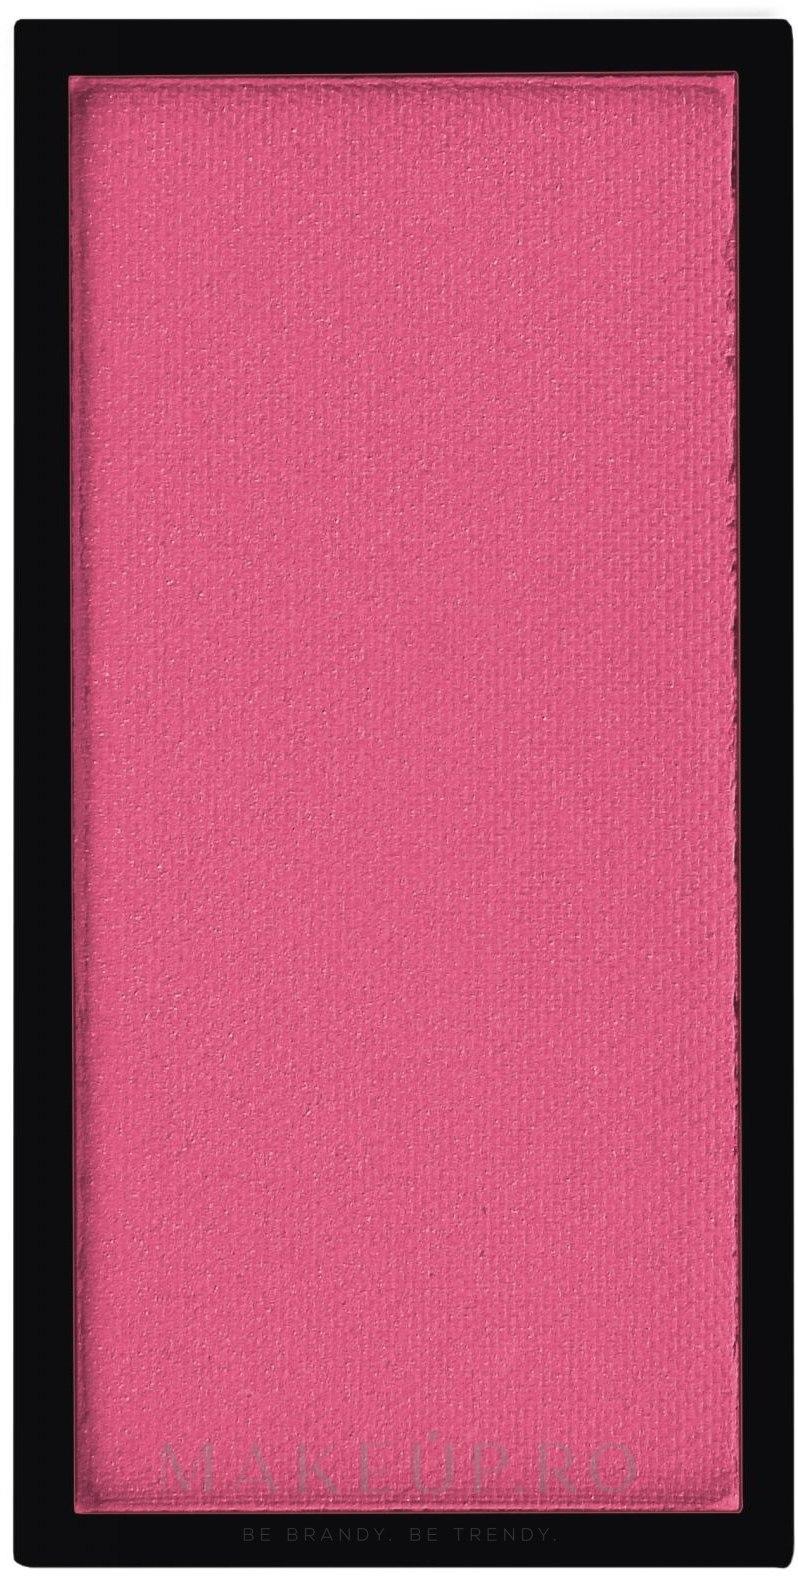 Fard cremos de obraz - Vipera Cream Blush — Imagine RR17 - Grandeur